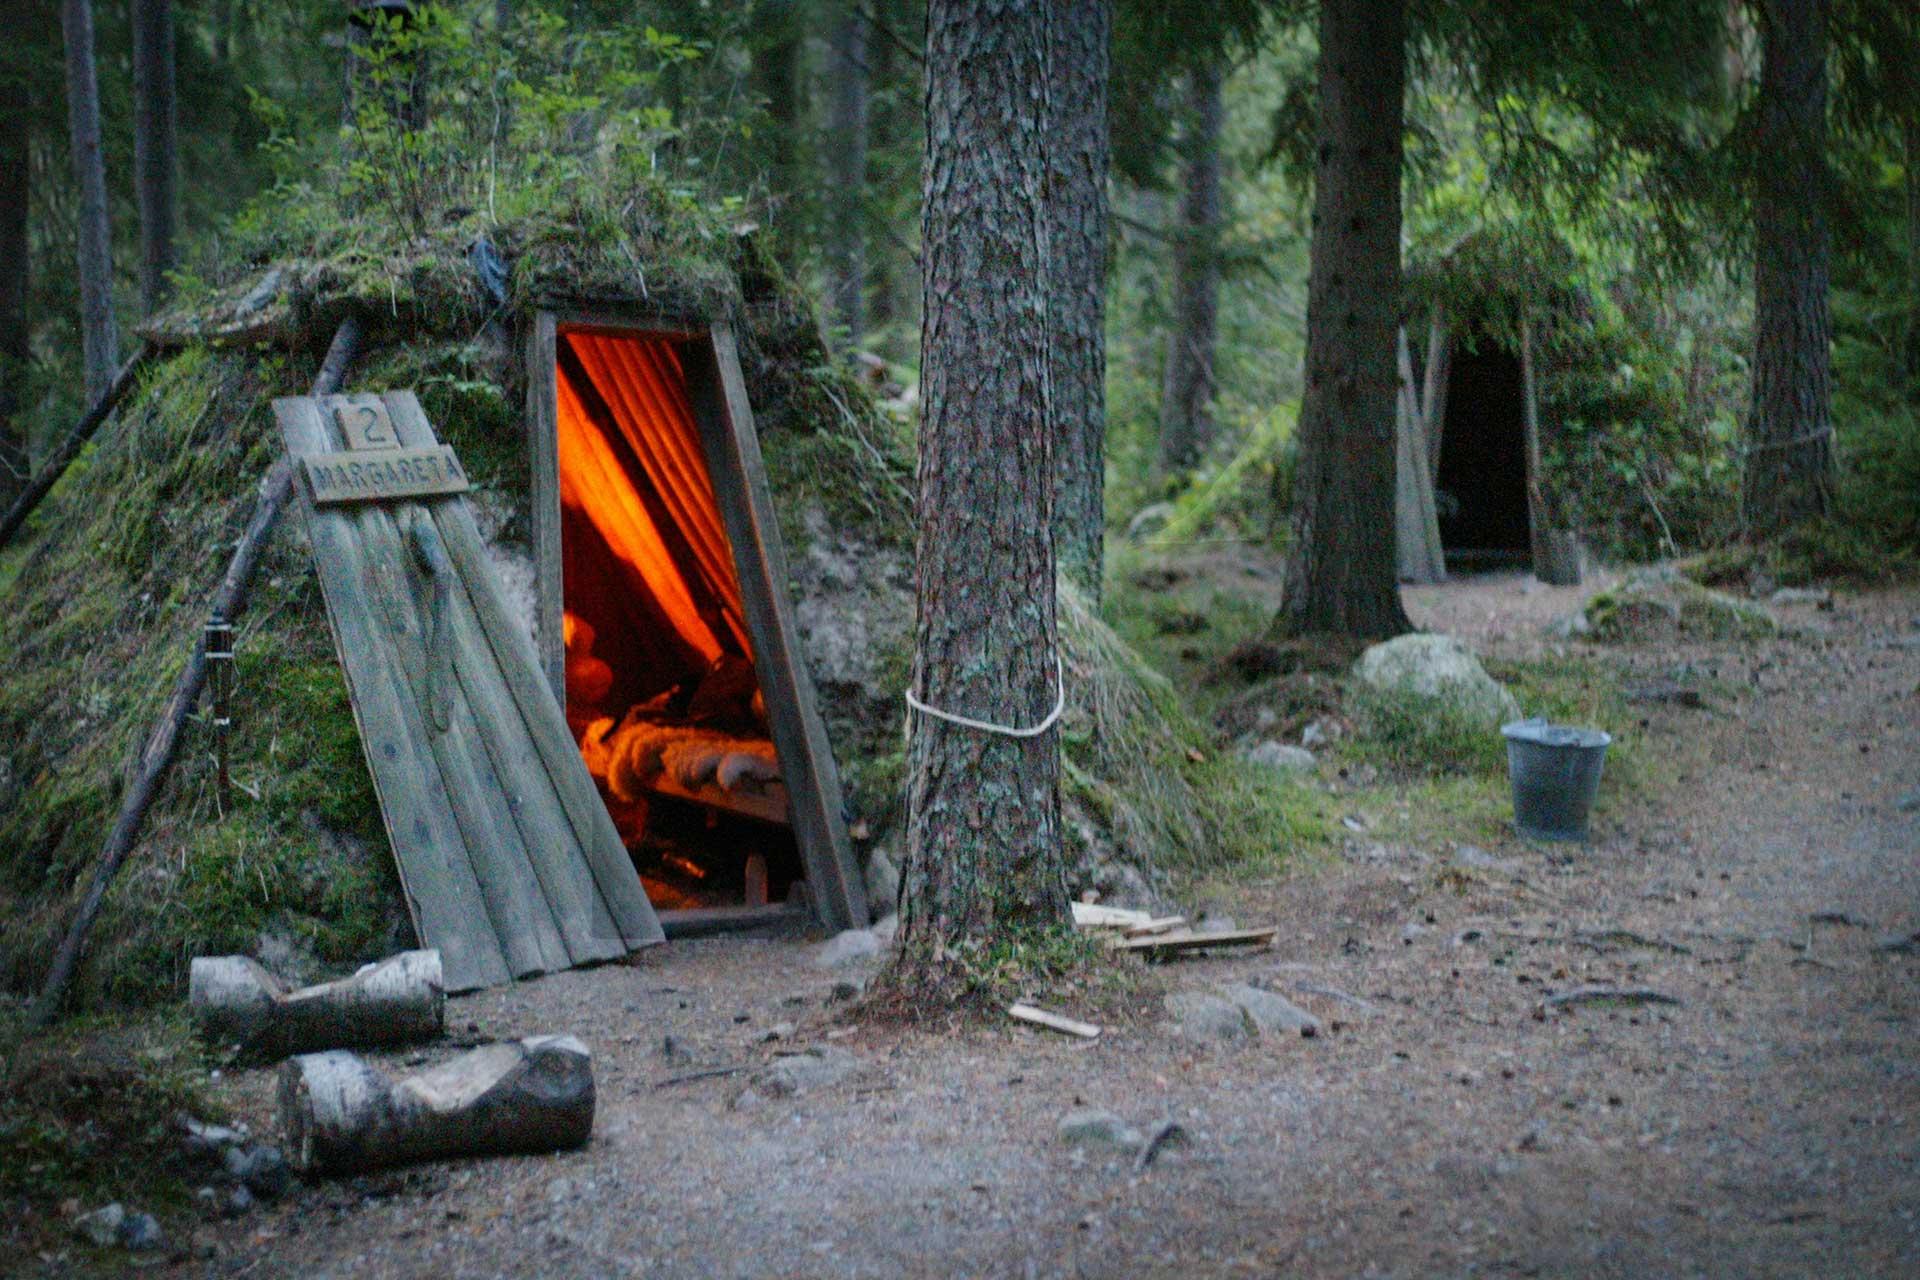 I den gröna skogen lyser det från eldstaden inne i kolarstugan på Kolarbyn. Fotograf: Mikaela Larm